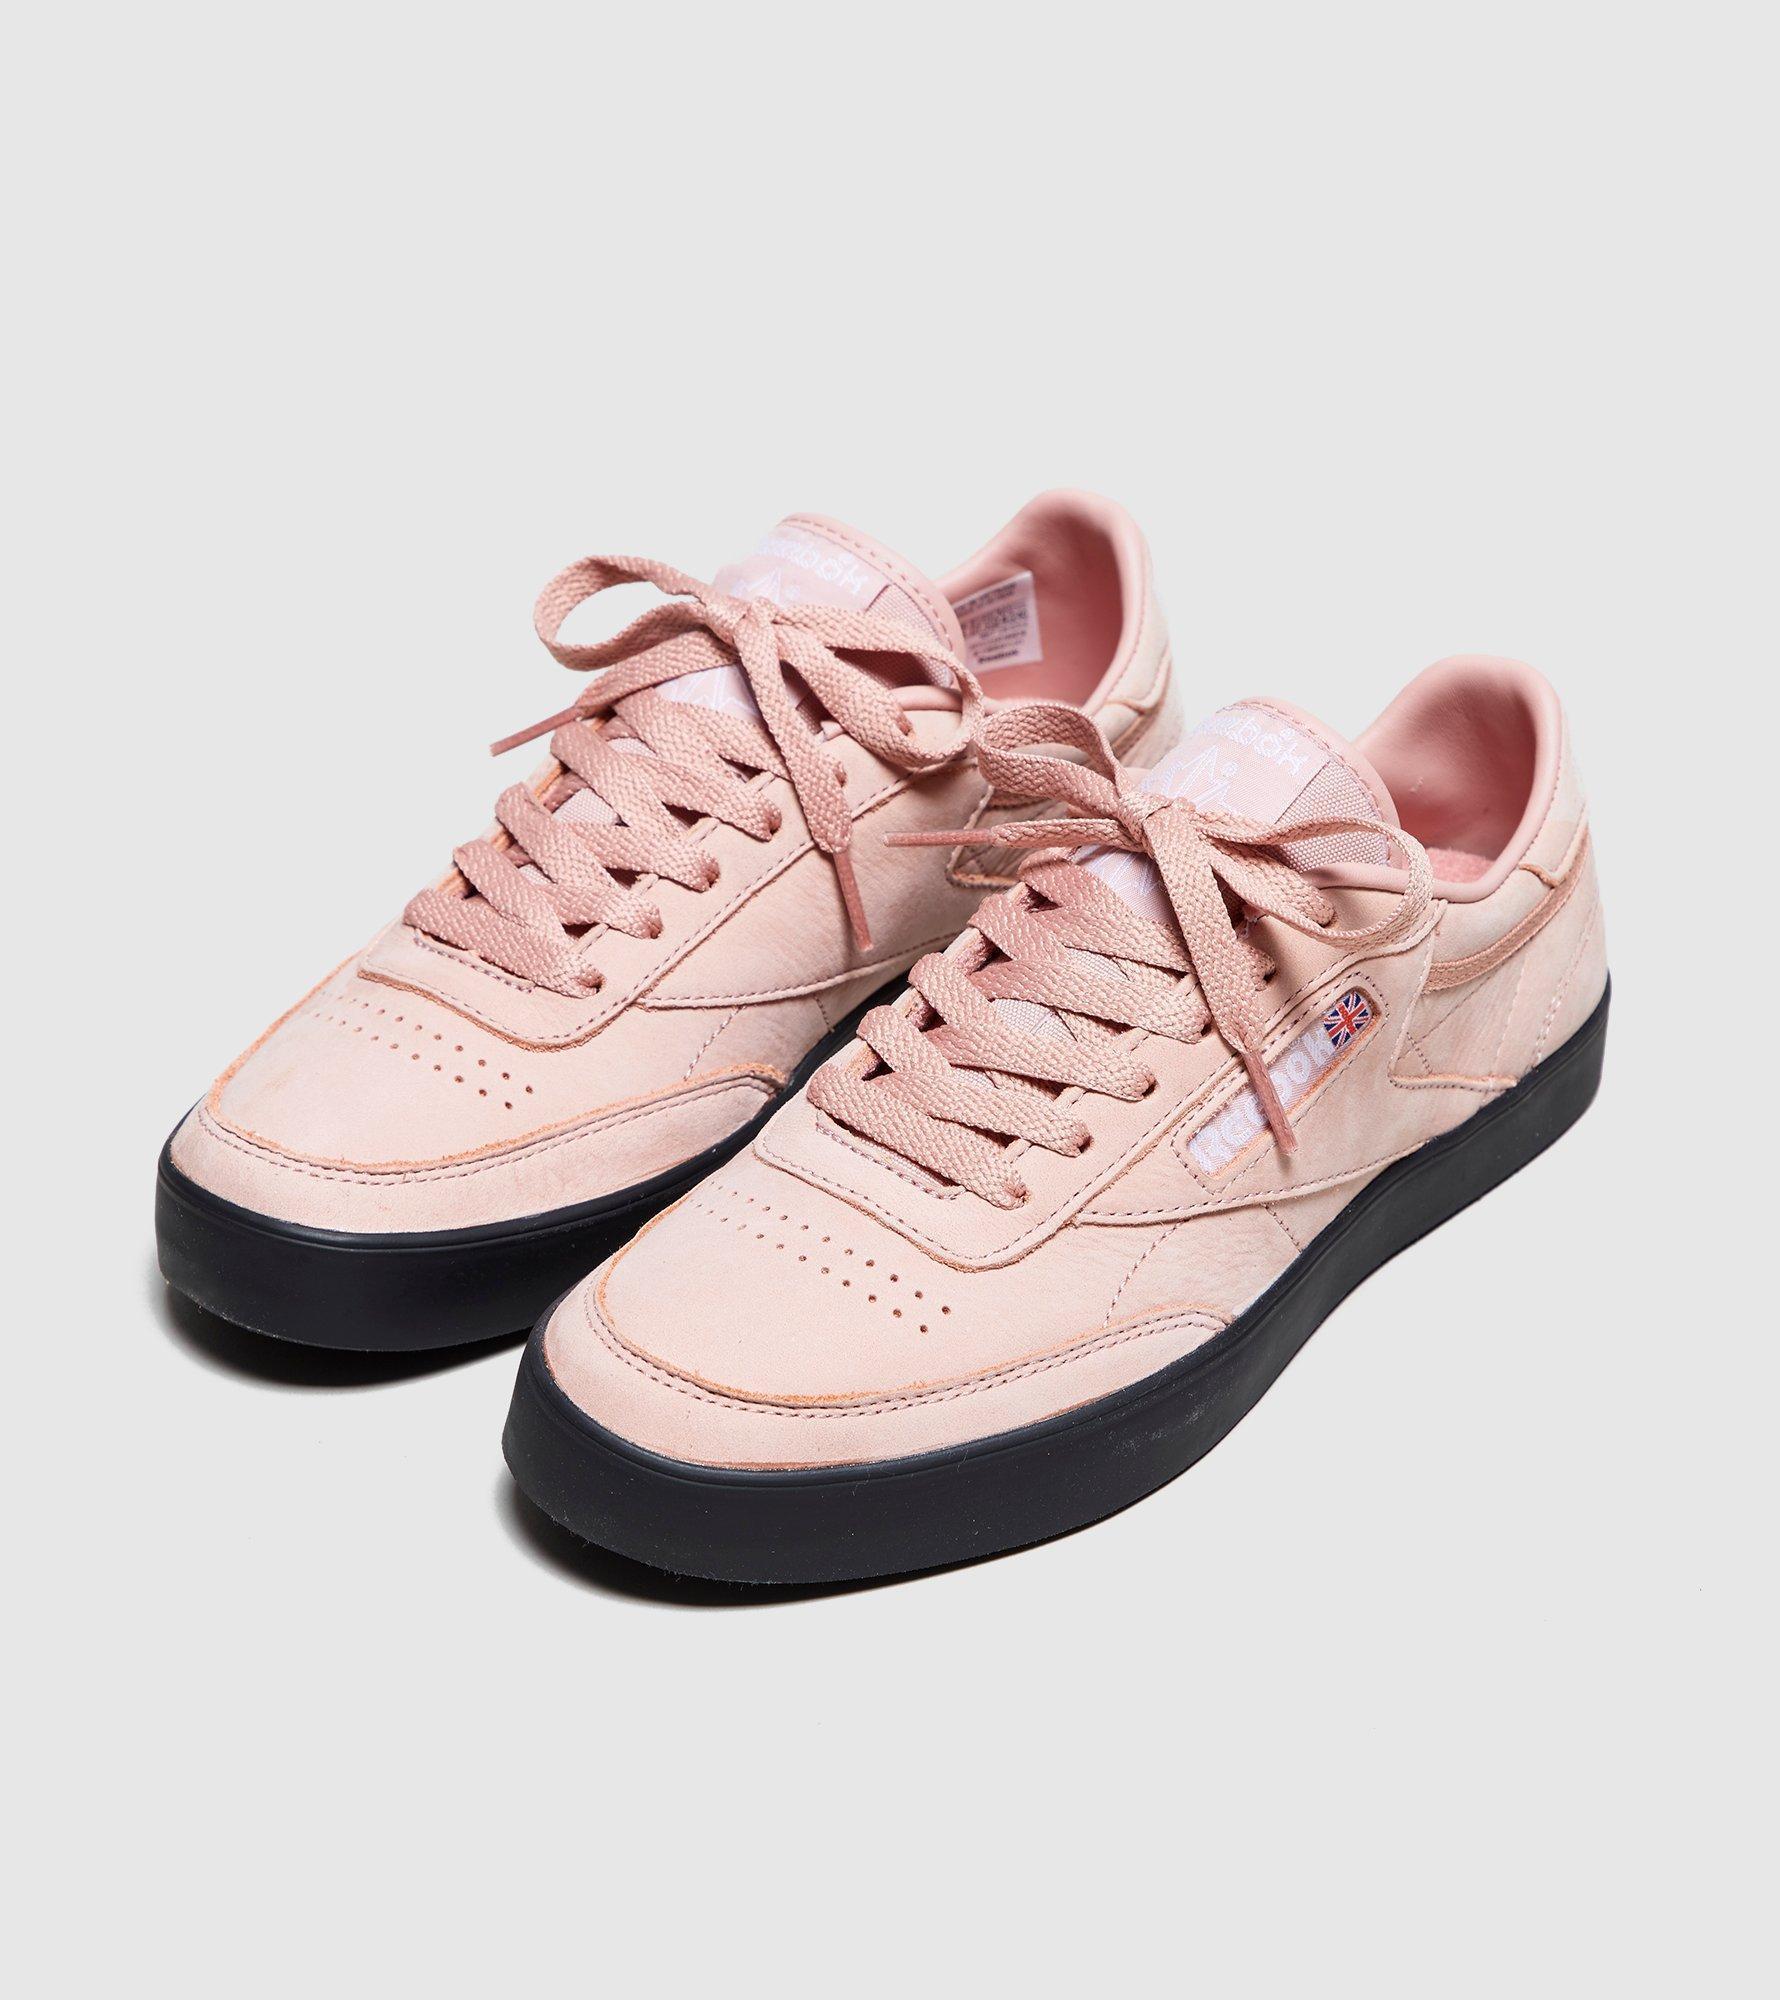 2f5943deecc Lyst - Reebok Club C Fvs - Size  Exclusive Women s in Pink